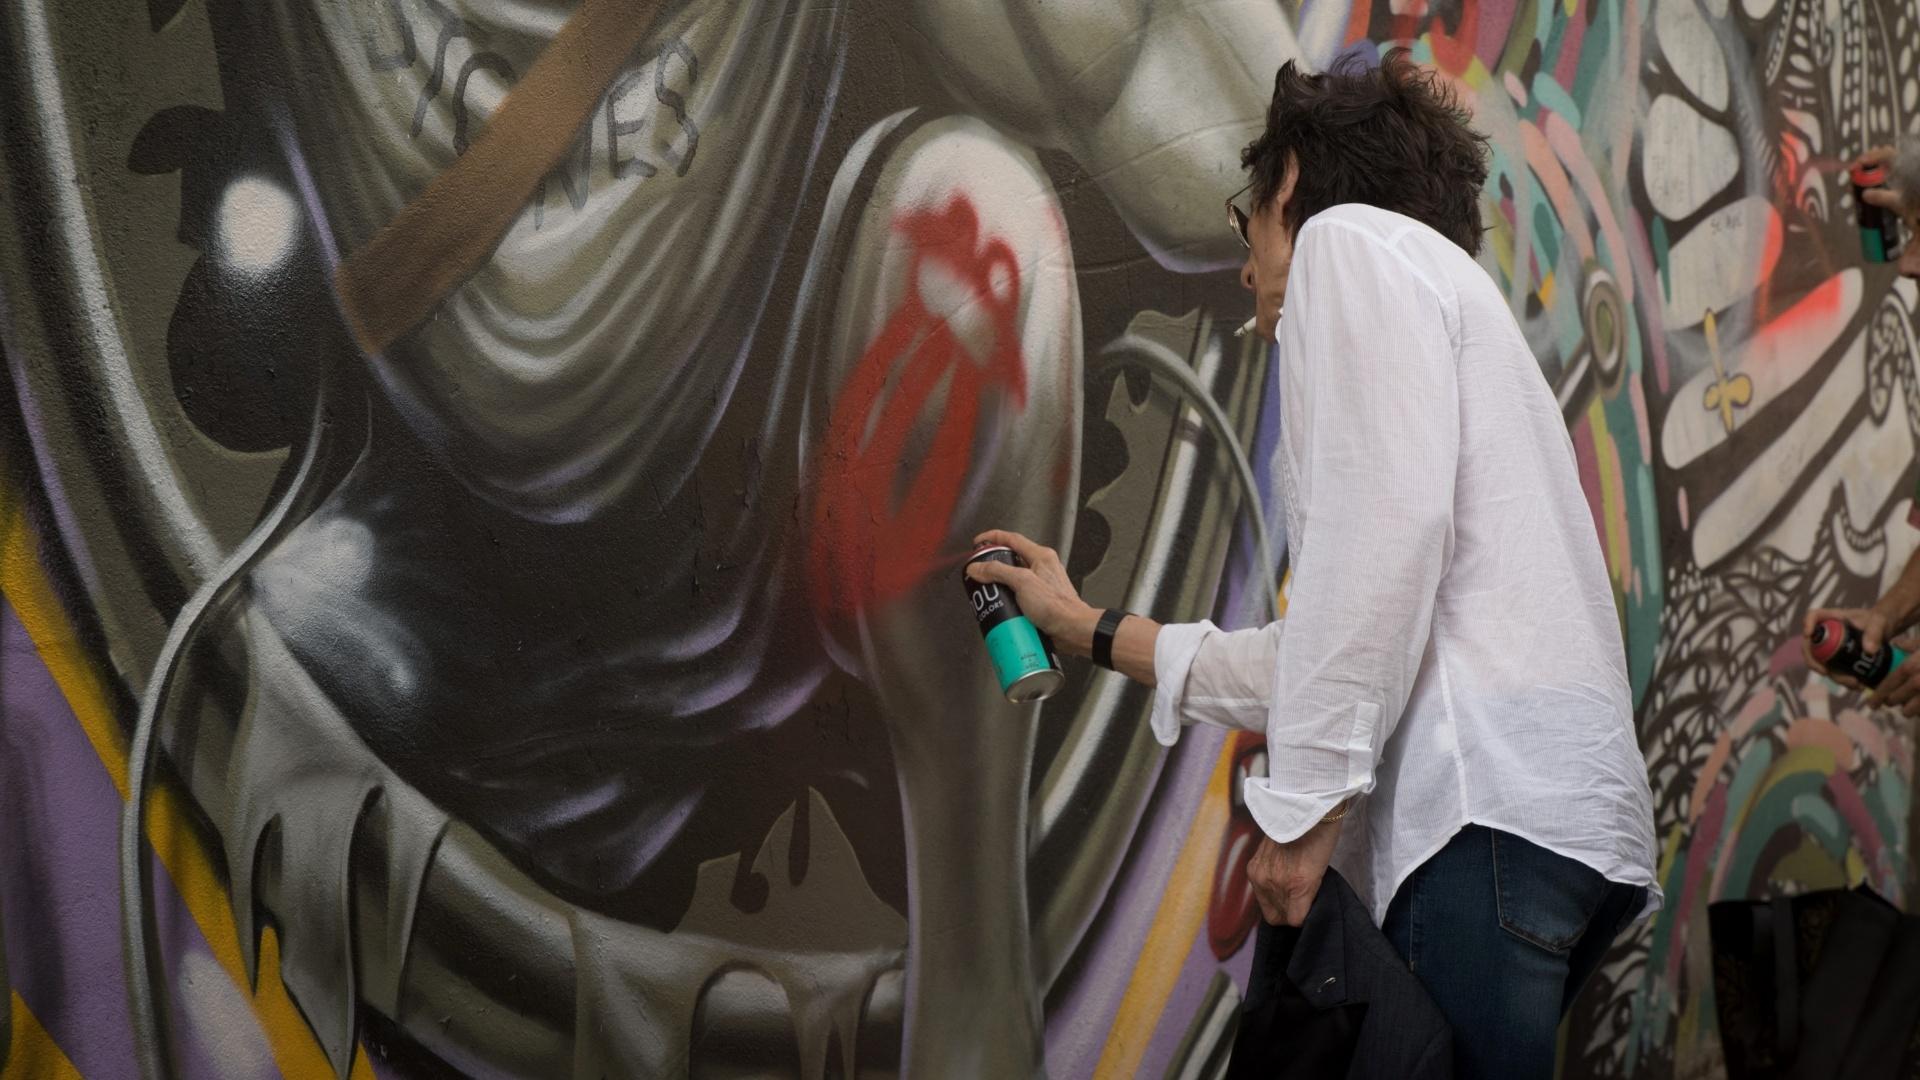 23.fev.2016 - Guitarrista dos Rolling Stones, Ron Wood aproveitou a passagem da banda por São Paulo para fazer uma intervenção artística em parede grafitada do Beco do Batman, na Vila Madalena, zona oeste da cidade. O grupo de rock toca na capital paulista nesta quarta (24) e sábado (27)